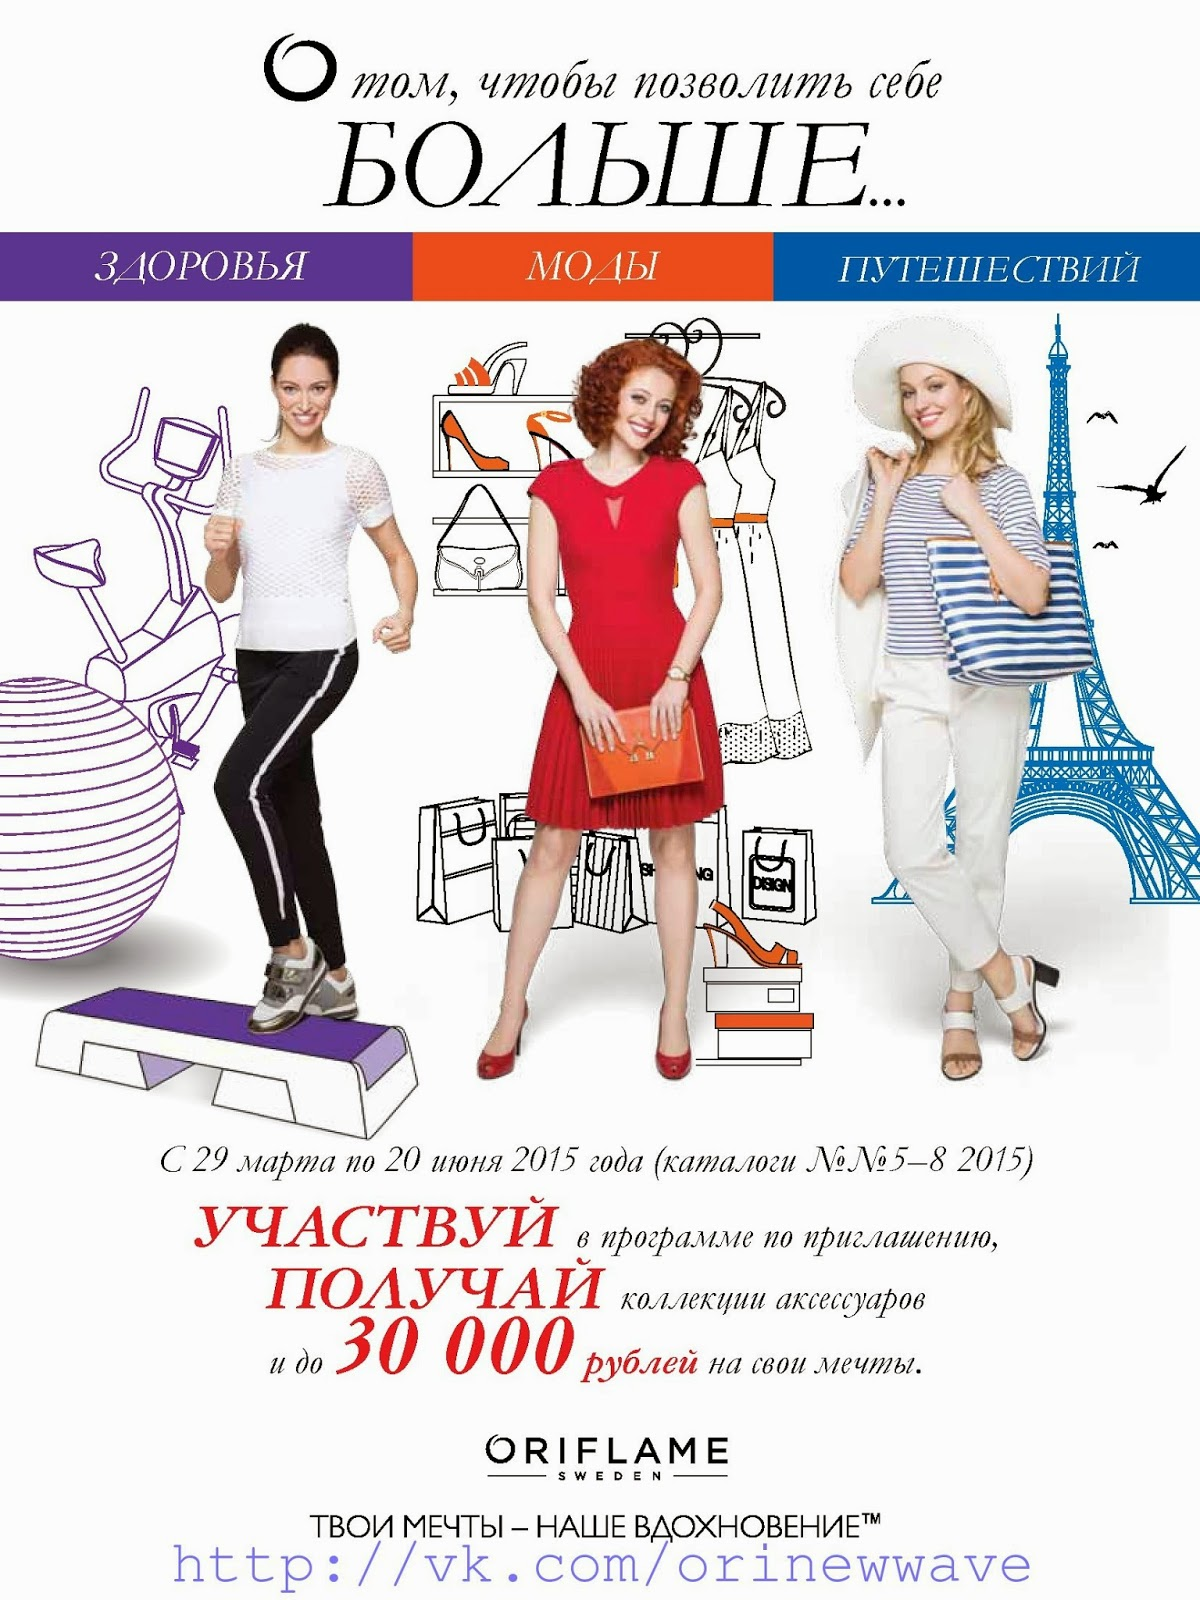 Квартальная программа по приглашению «Позволь себе БОЛЬШЕ…» в Орифлэйм-Россия